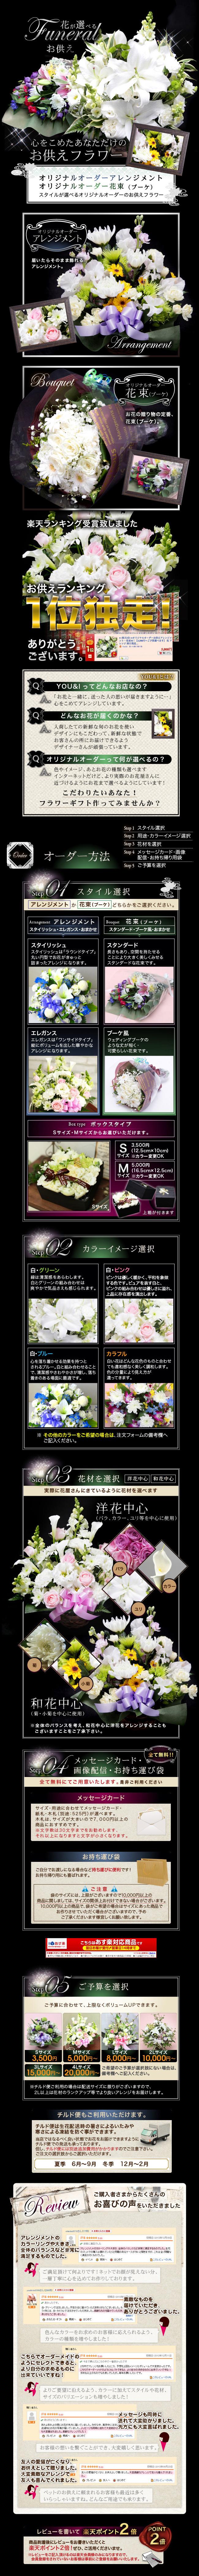 花が選べるお供えフラワー